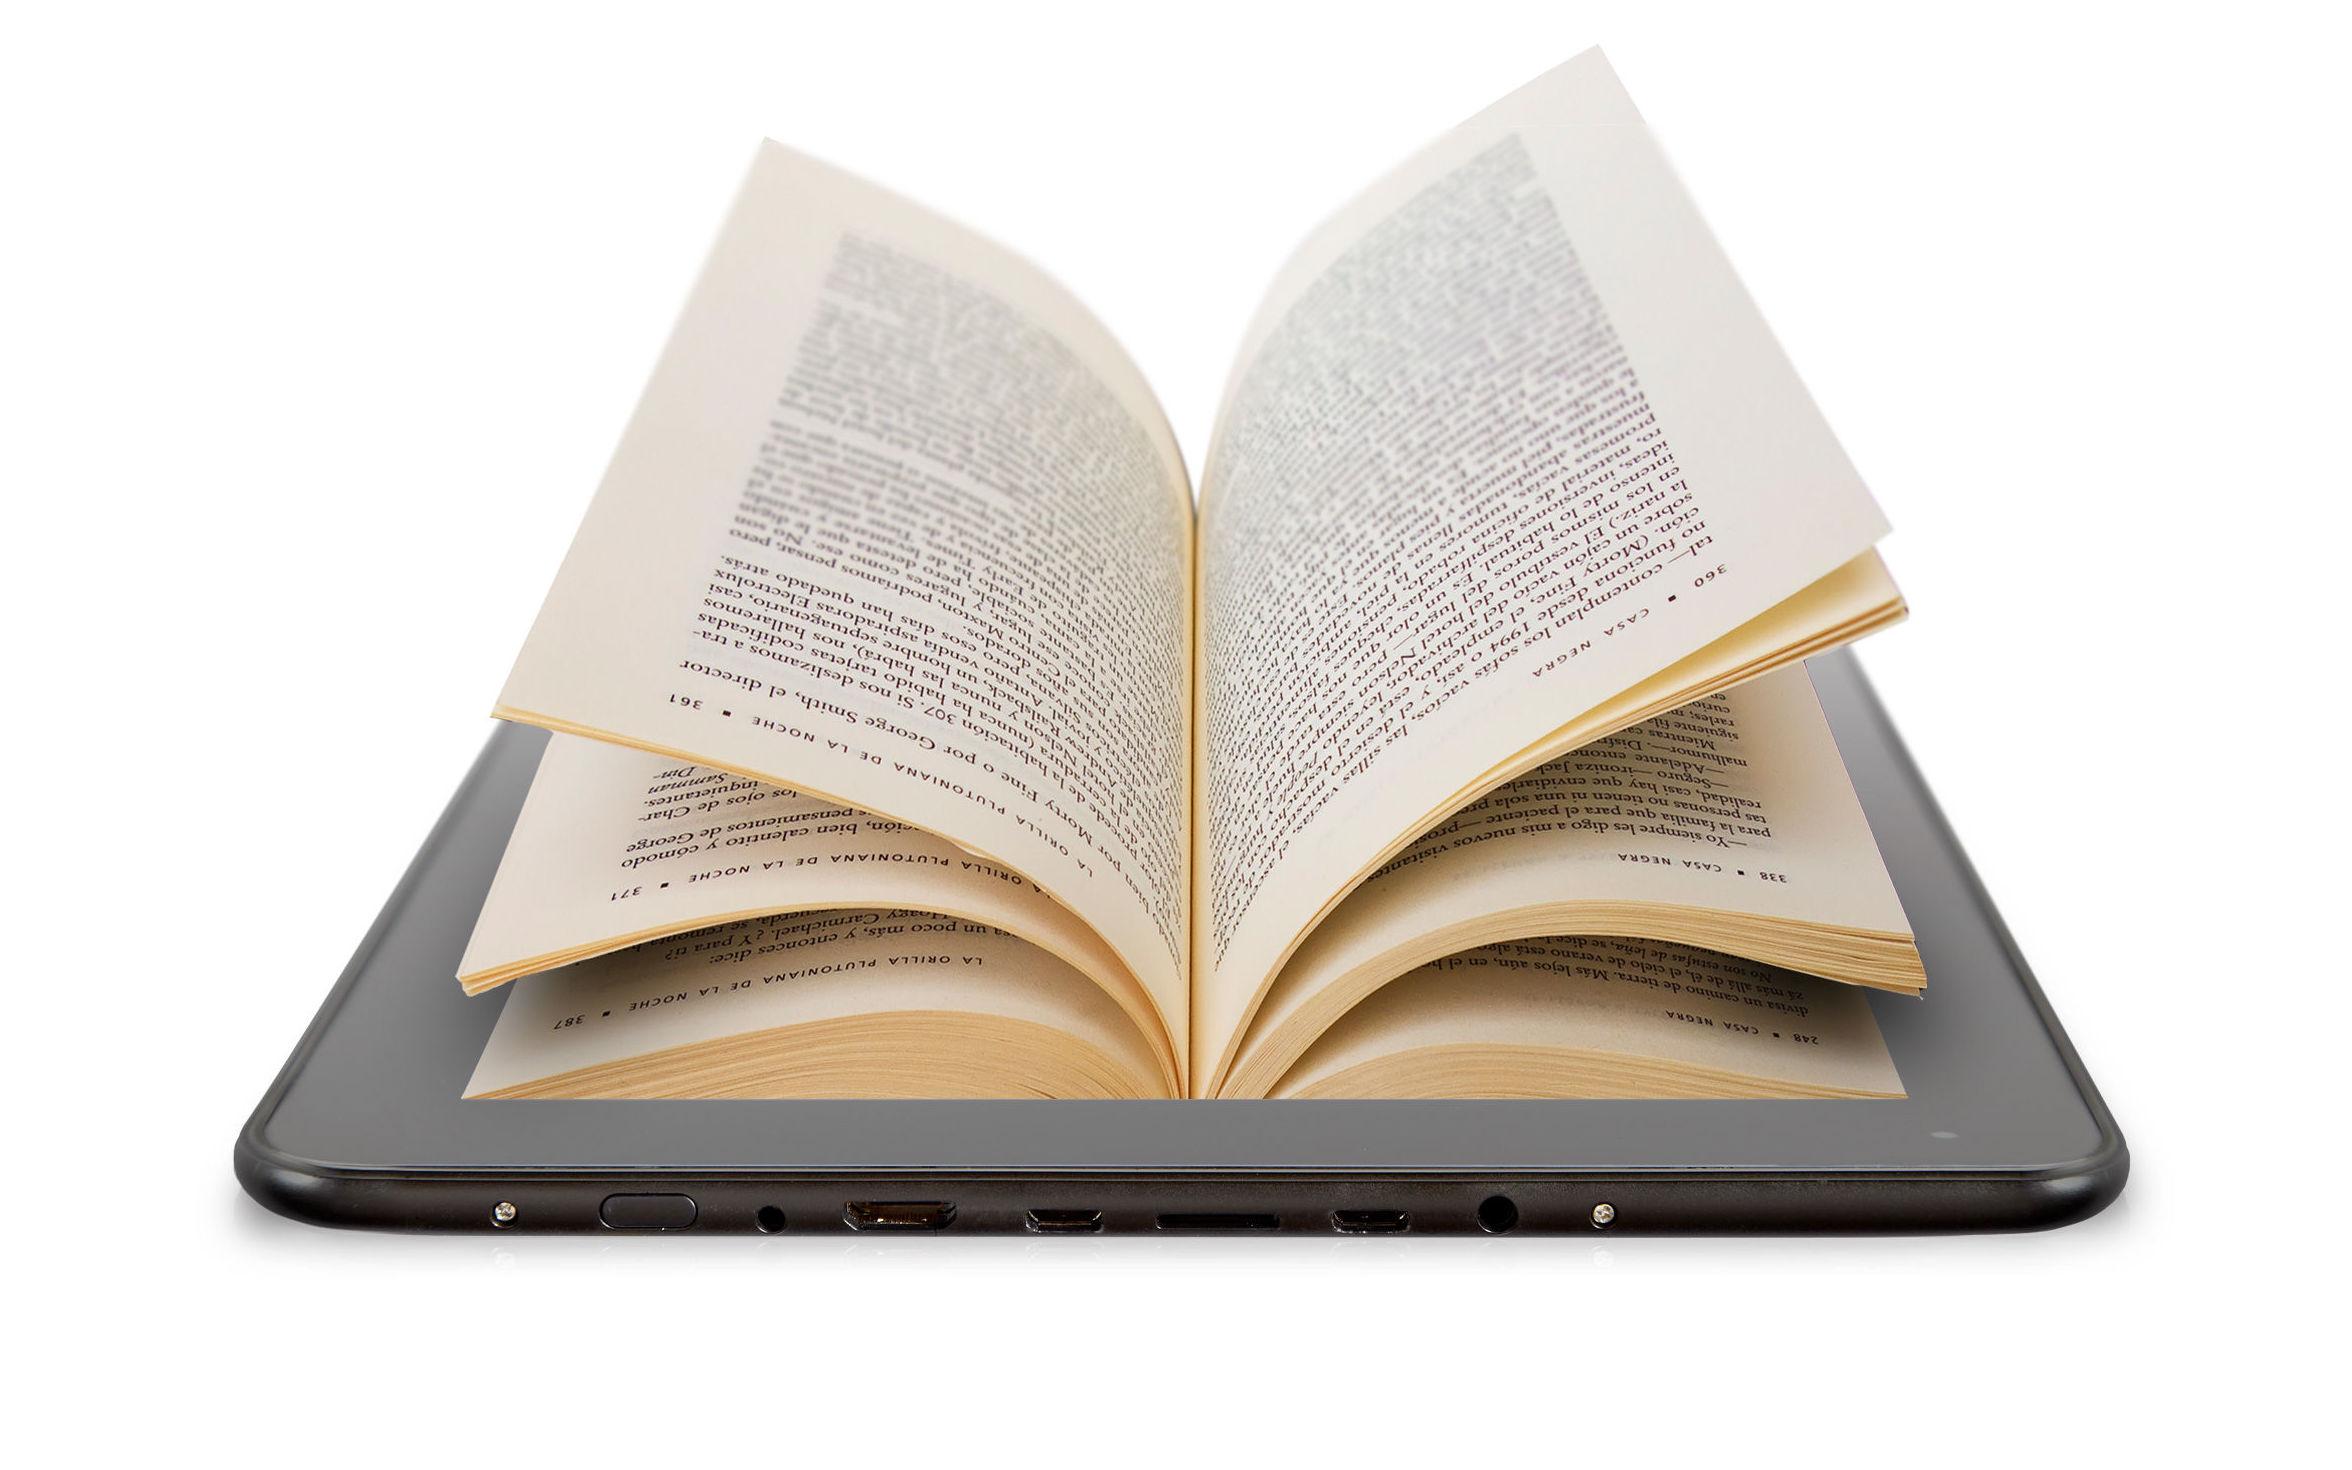 LOS EBOOKS FACILITAN LA LECTURA A LAS PERSONAS CON DISLEXIA